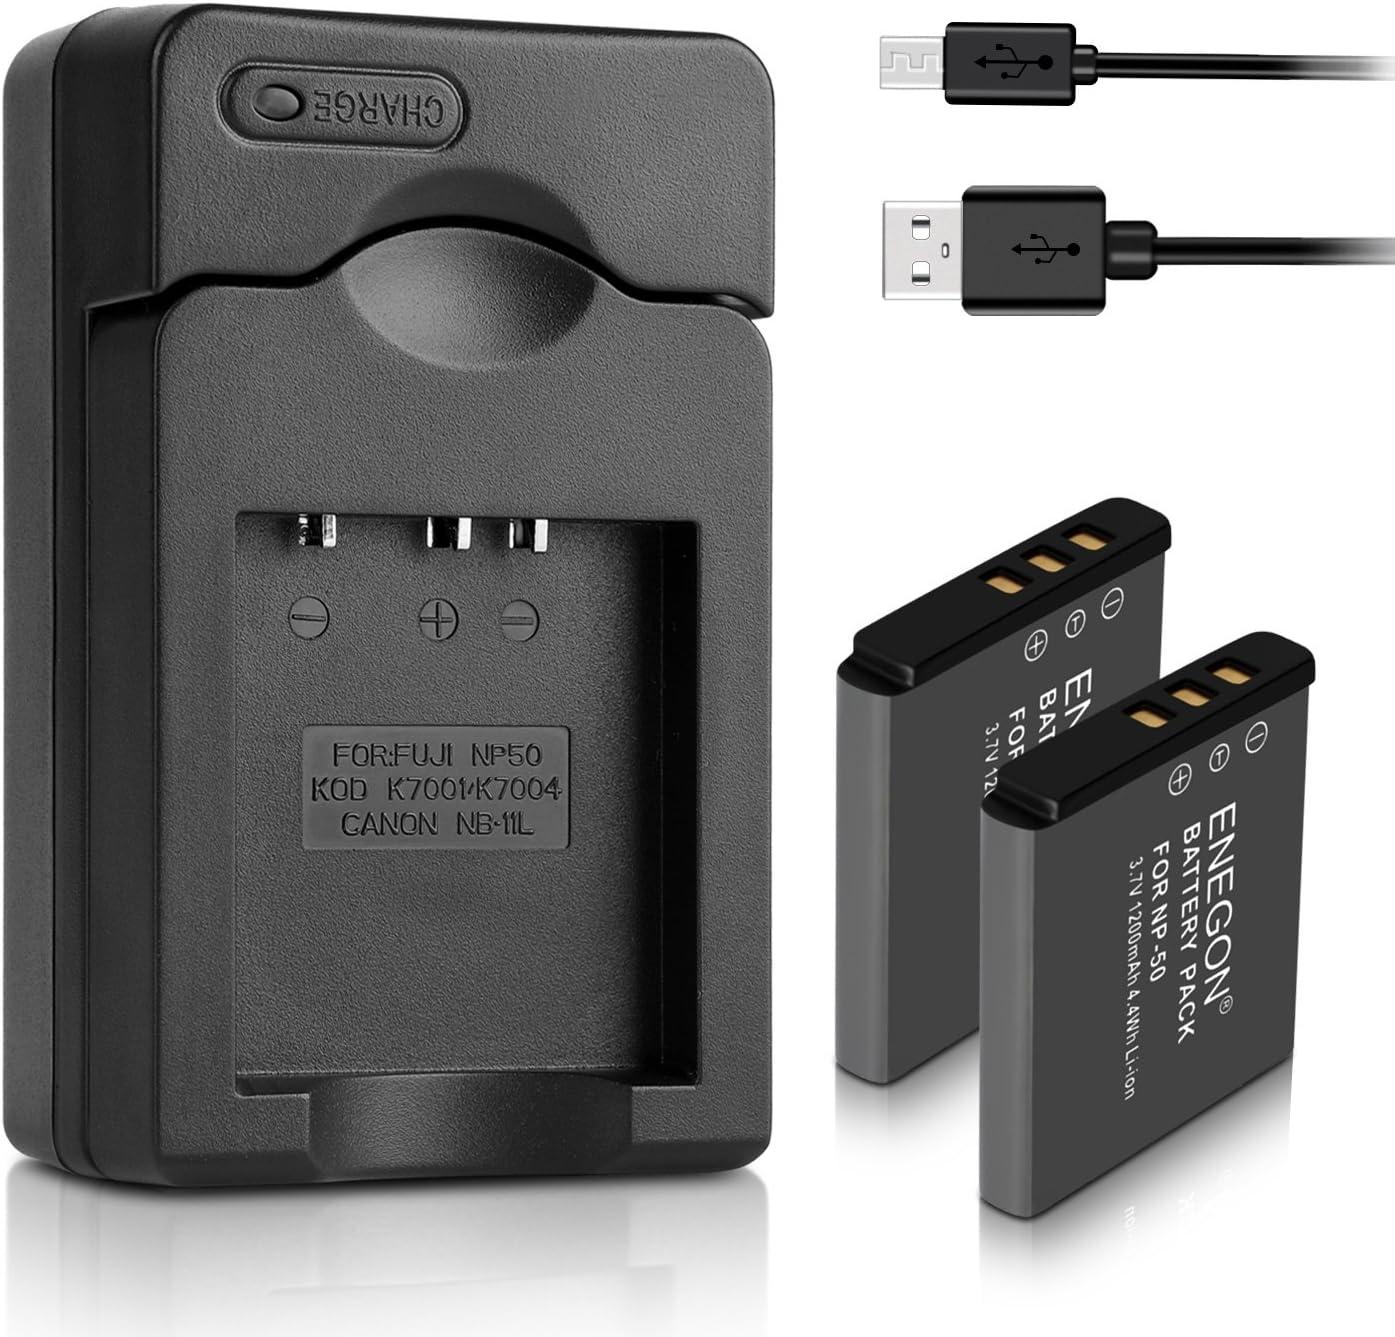 Cargador de np-50 para Fuji x20 Fujifilm Instax Square sq 10 cable de carga